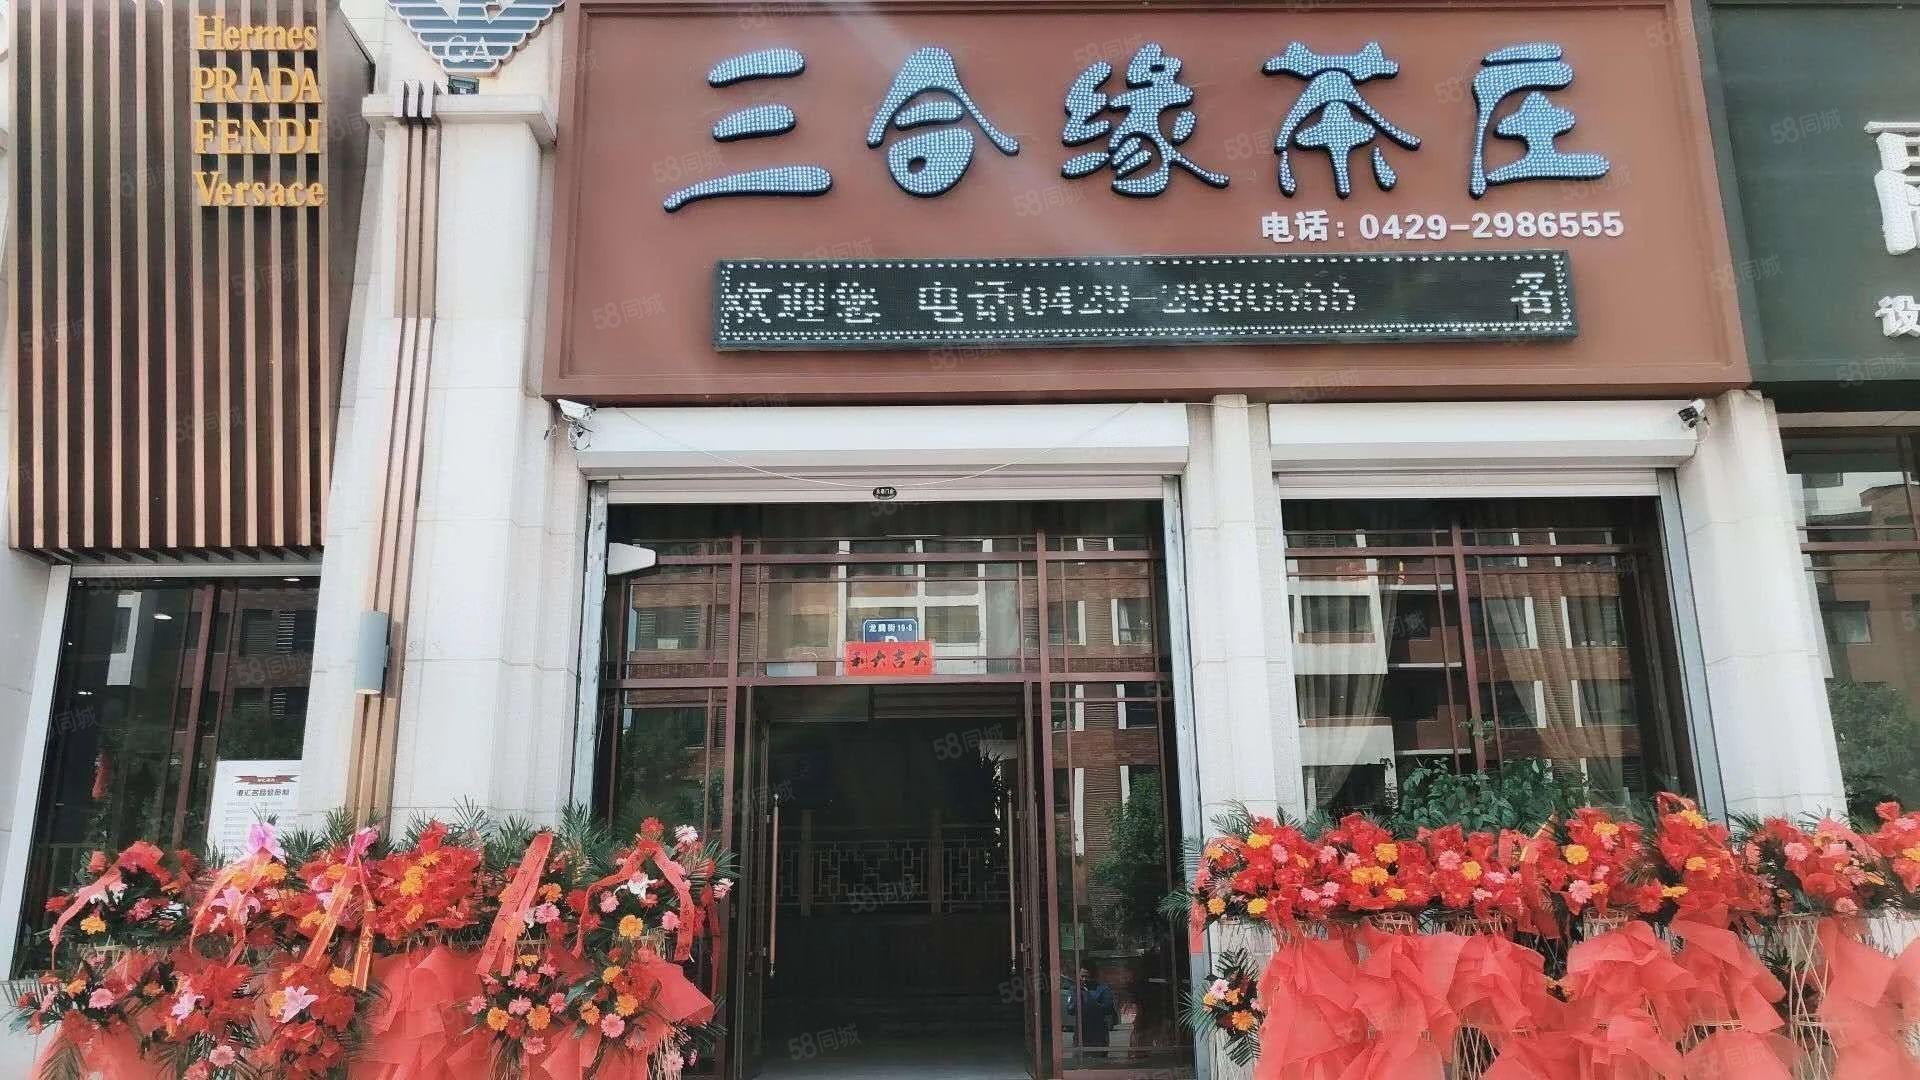 招聘茶艺师工作地点:龙港区帝泊湾小区门市三合缘茶庄